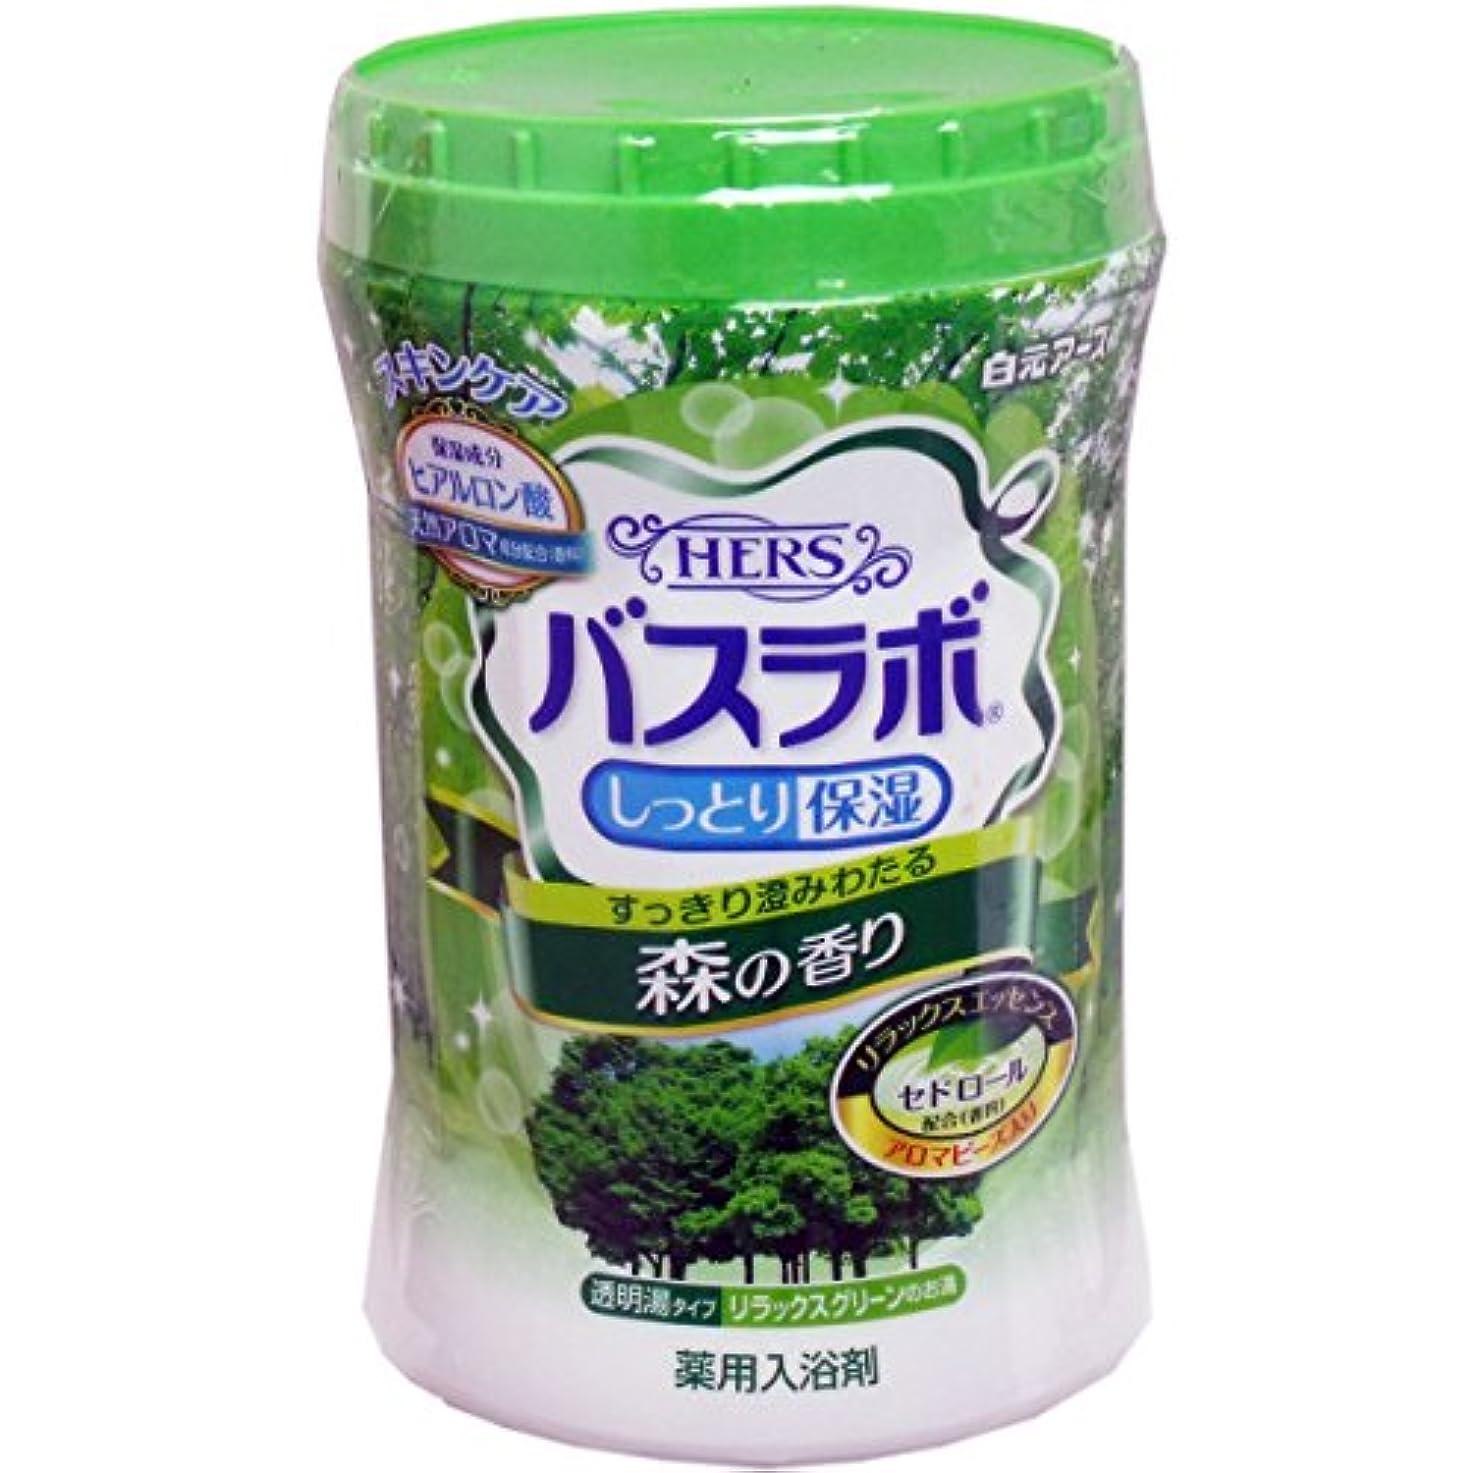 雑多なひばりアラート白元 HERSバスラボ しっとり保湿 薬用入浴剤 森の香り 680g [医薬部外品]